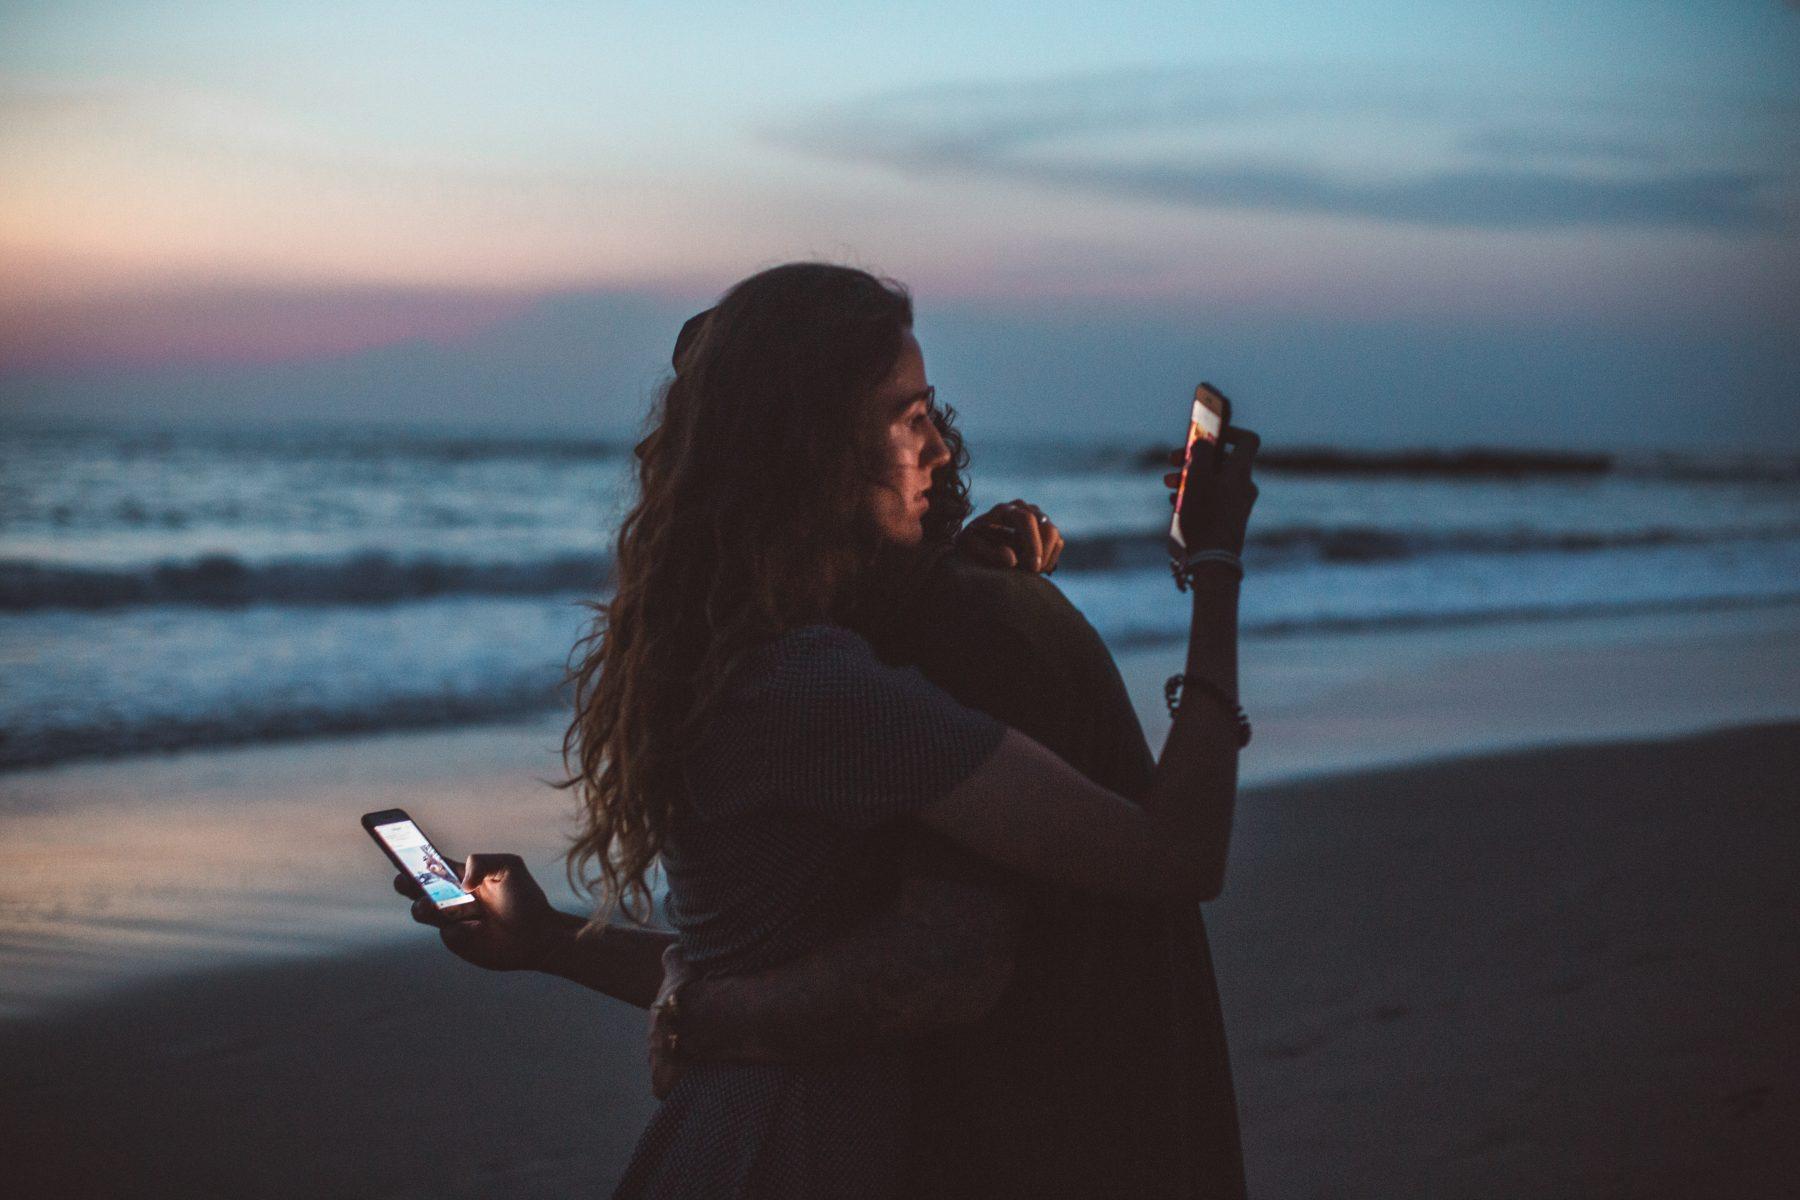 Zwei Menschen umarmen sich und halten ihre Handys in den Händen.